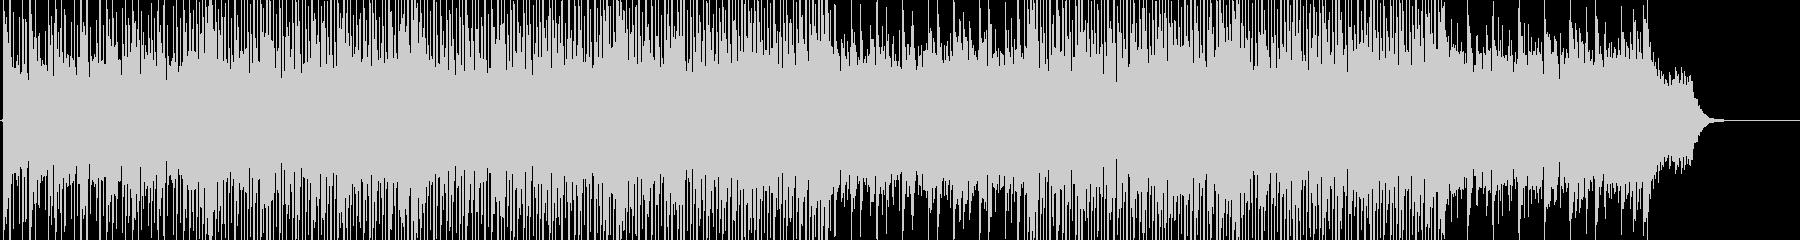 軽快で明るいハウステイストのBGMの未再生の波形